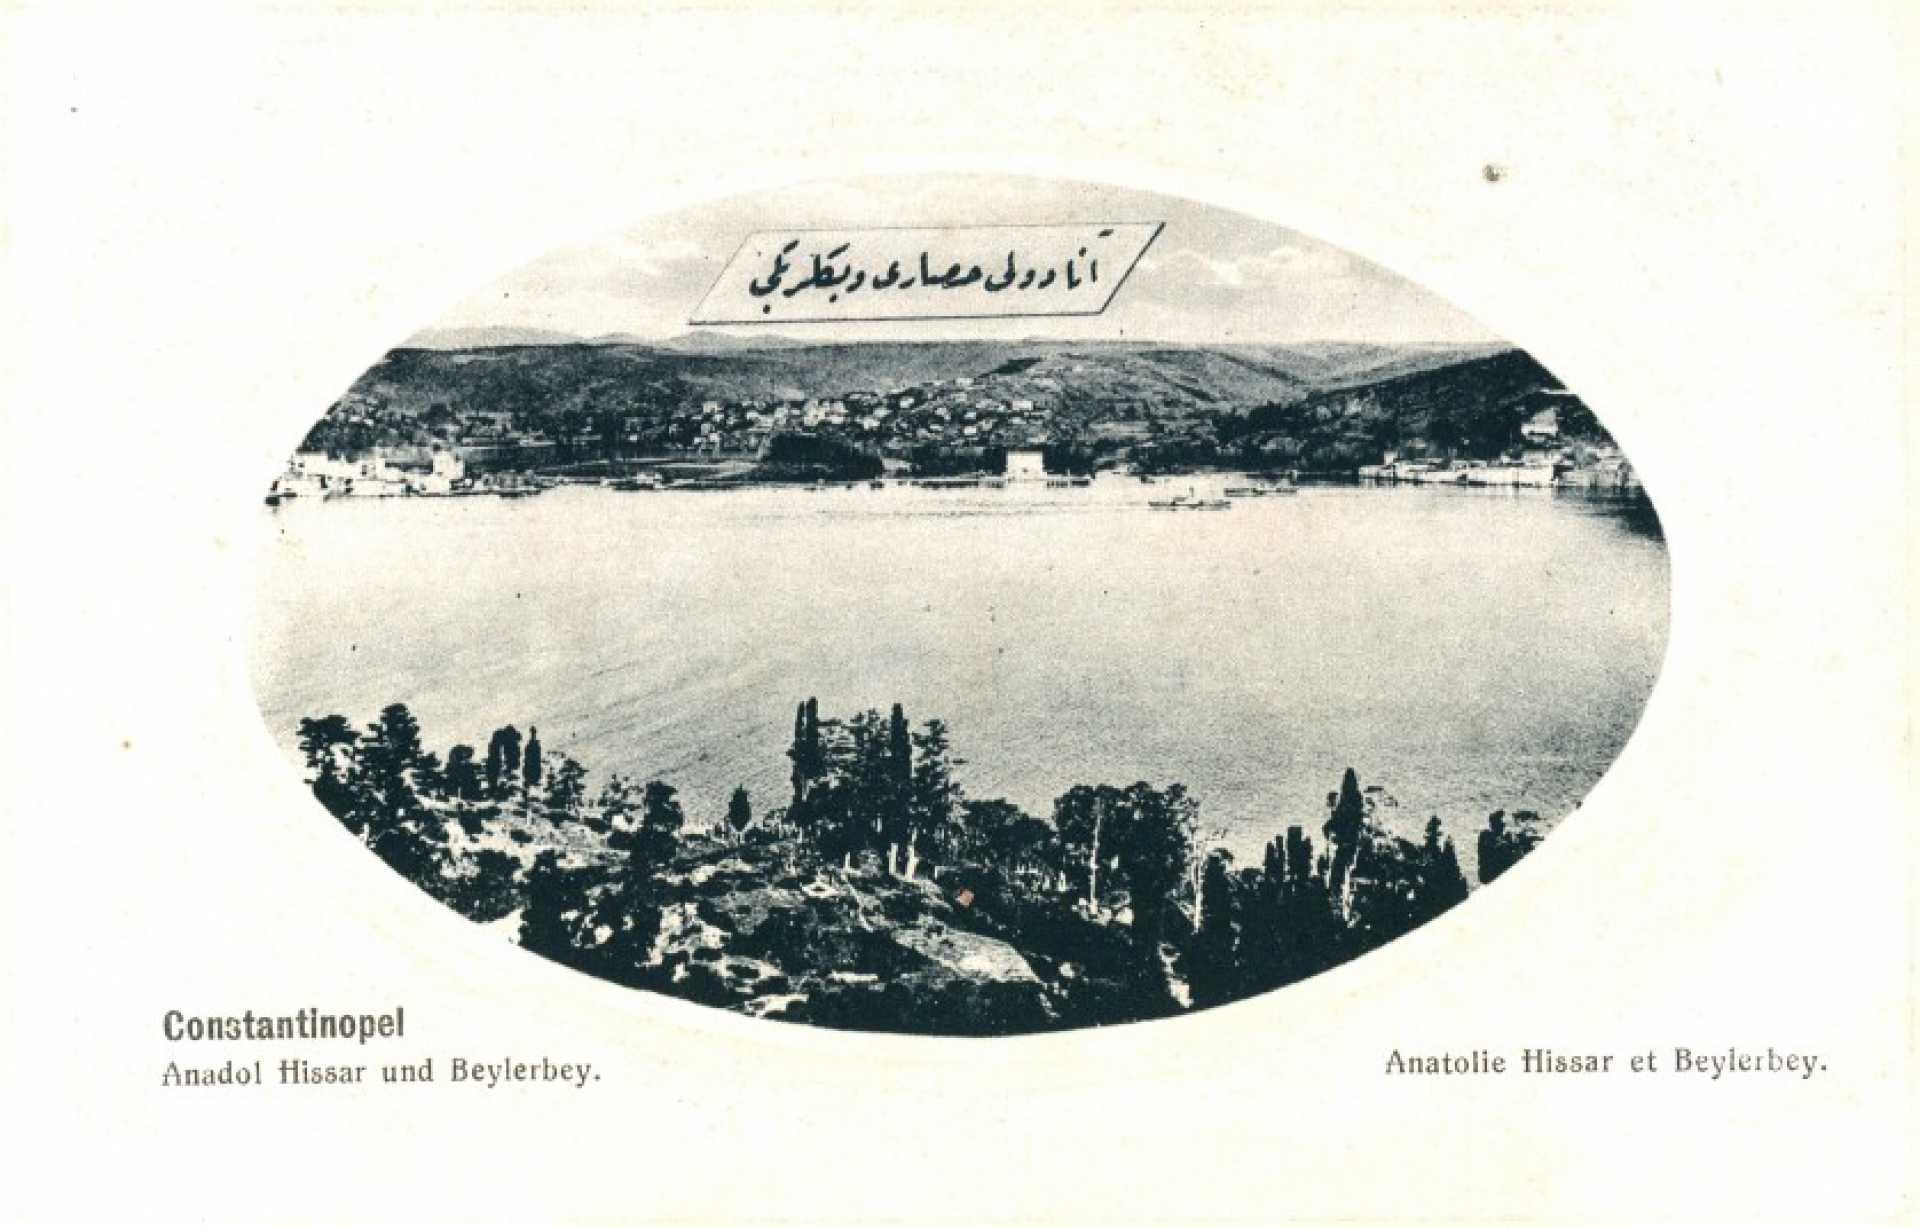 Anatolie Hissar et Beylerbey